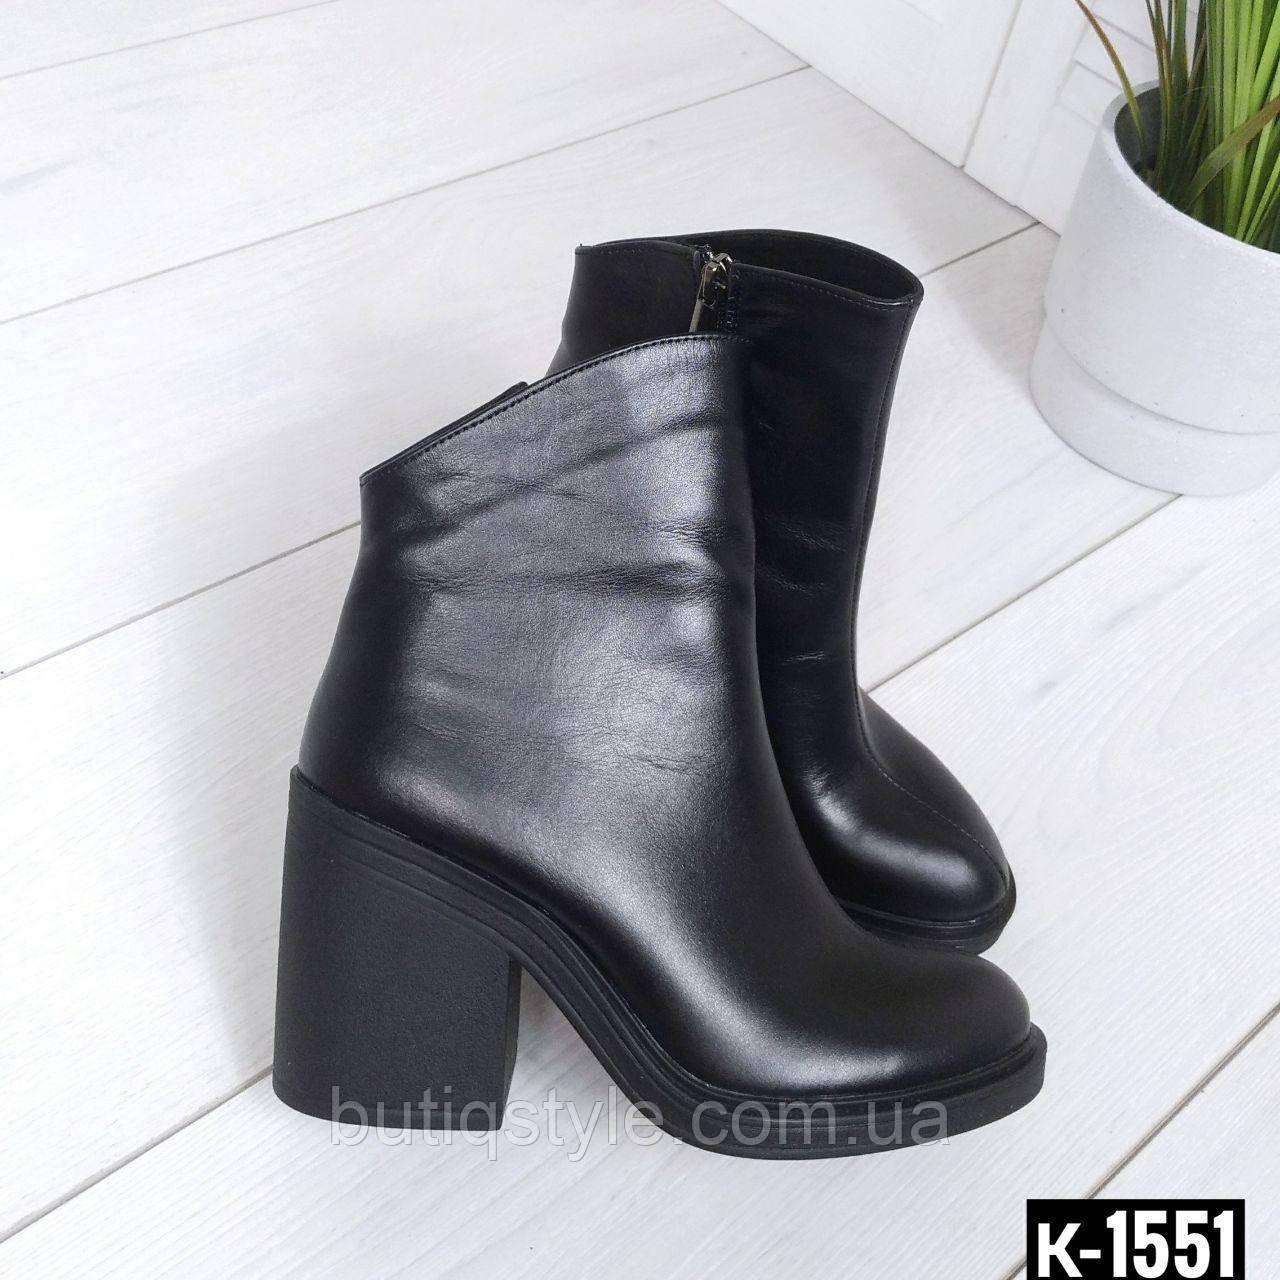 Зимние черные ботинки натуральная кожа на меху